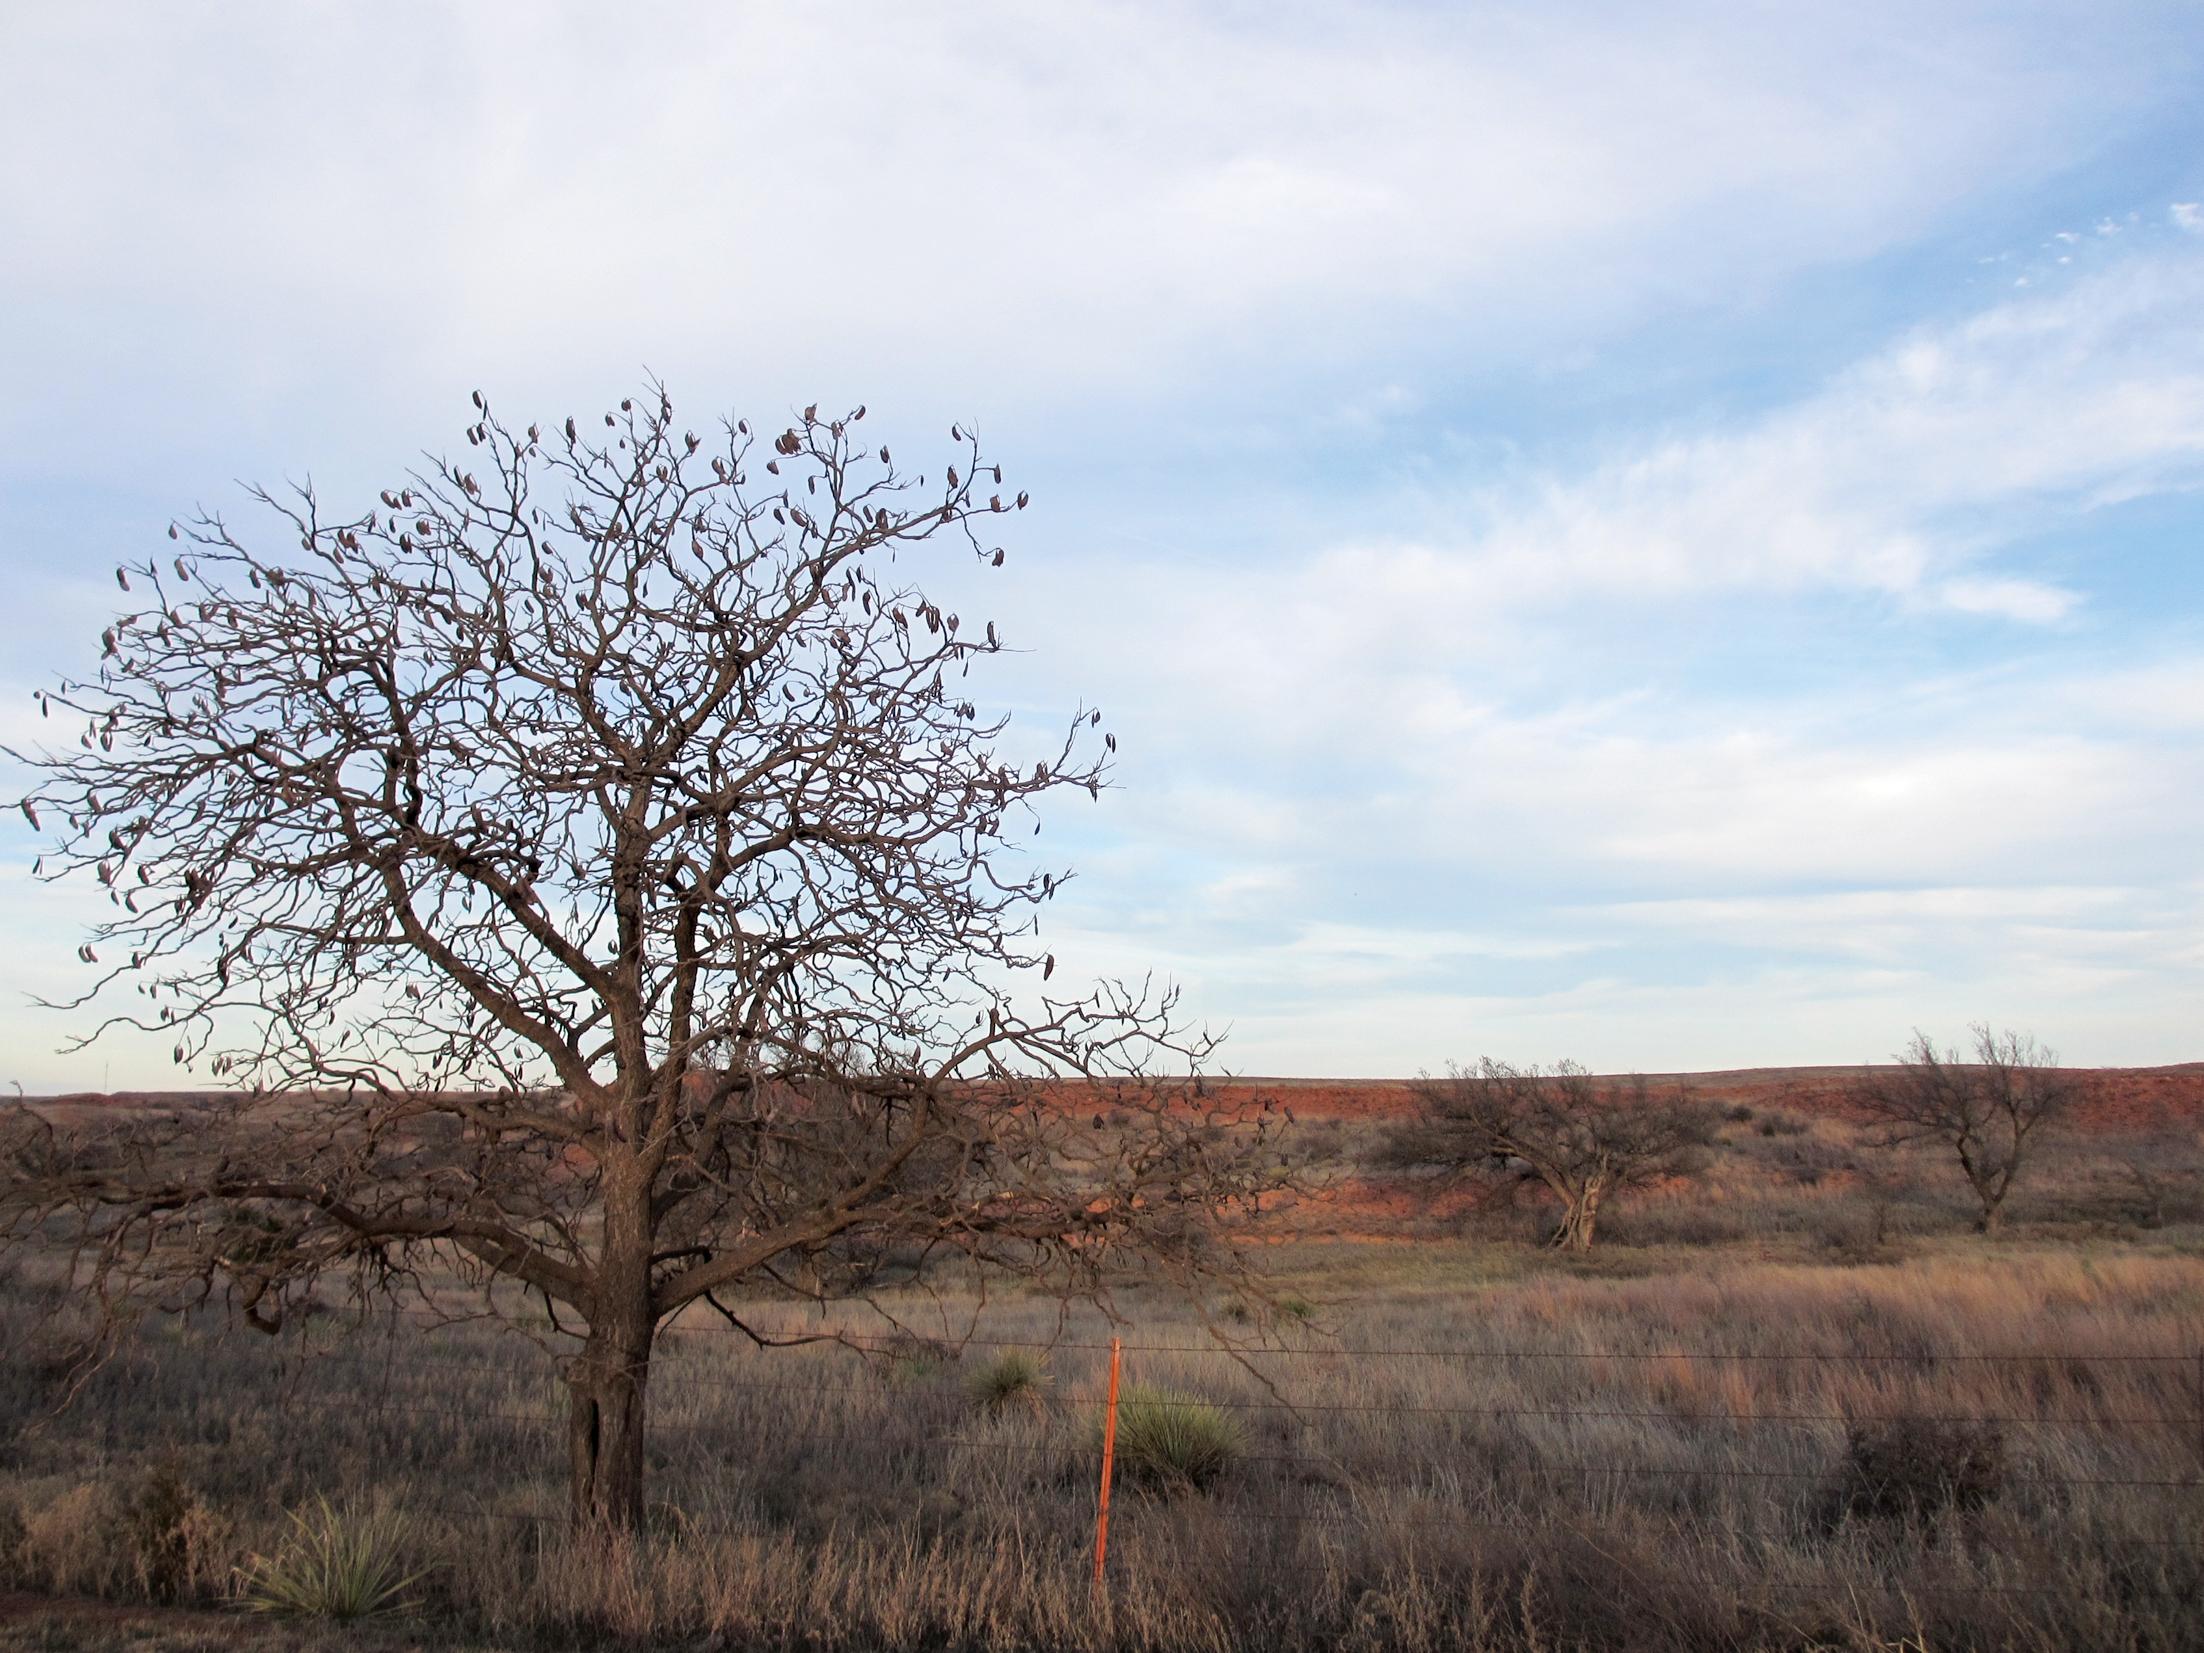 Photo of lone Kentucky coffeetree standing along open roadside